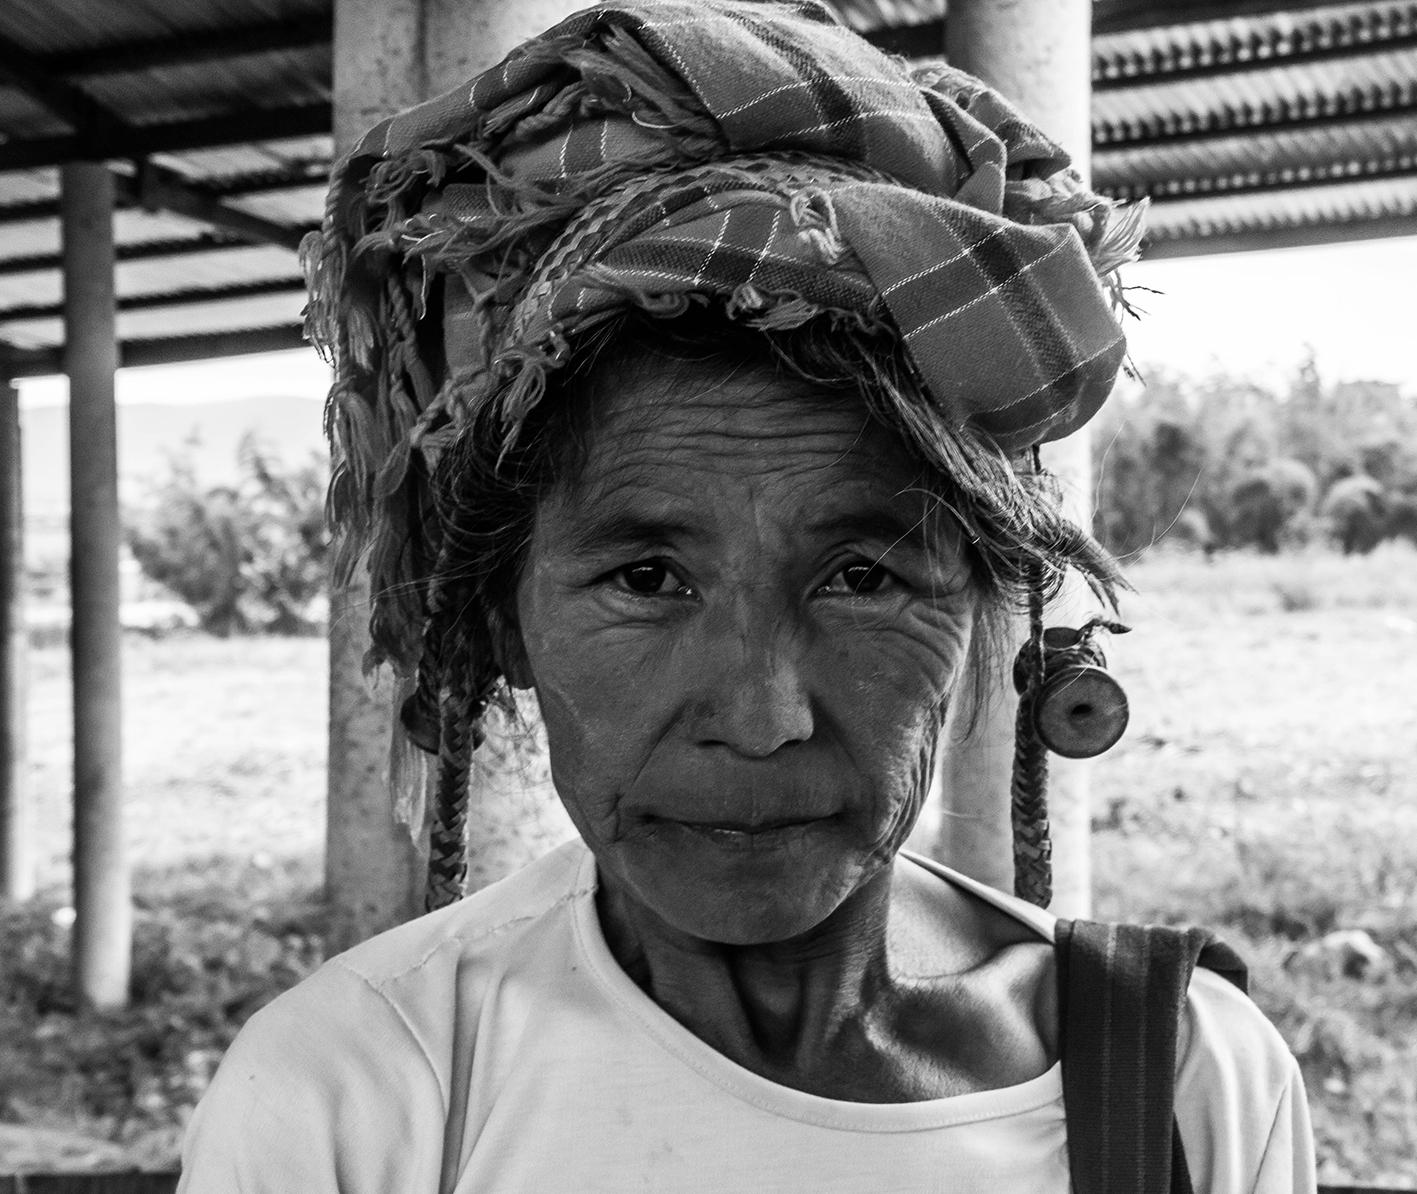 Det här är Tidi. En av alla trevliga burmeser jag träffat. Hon kom gåendes i en av alla byar runt Inle Lake och vi småpratade på burmesiska innan jag knäppte denna bilden.